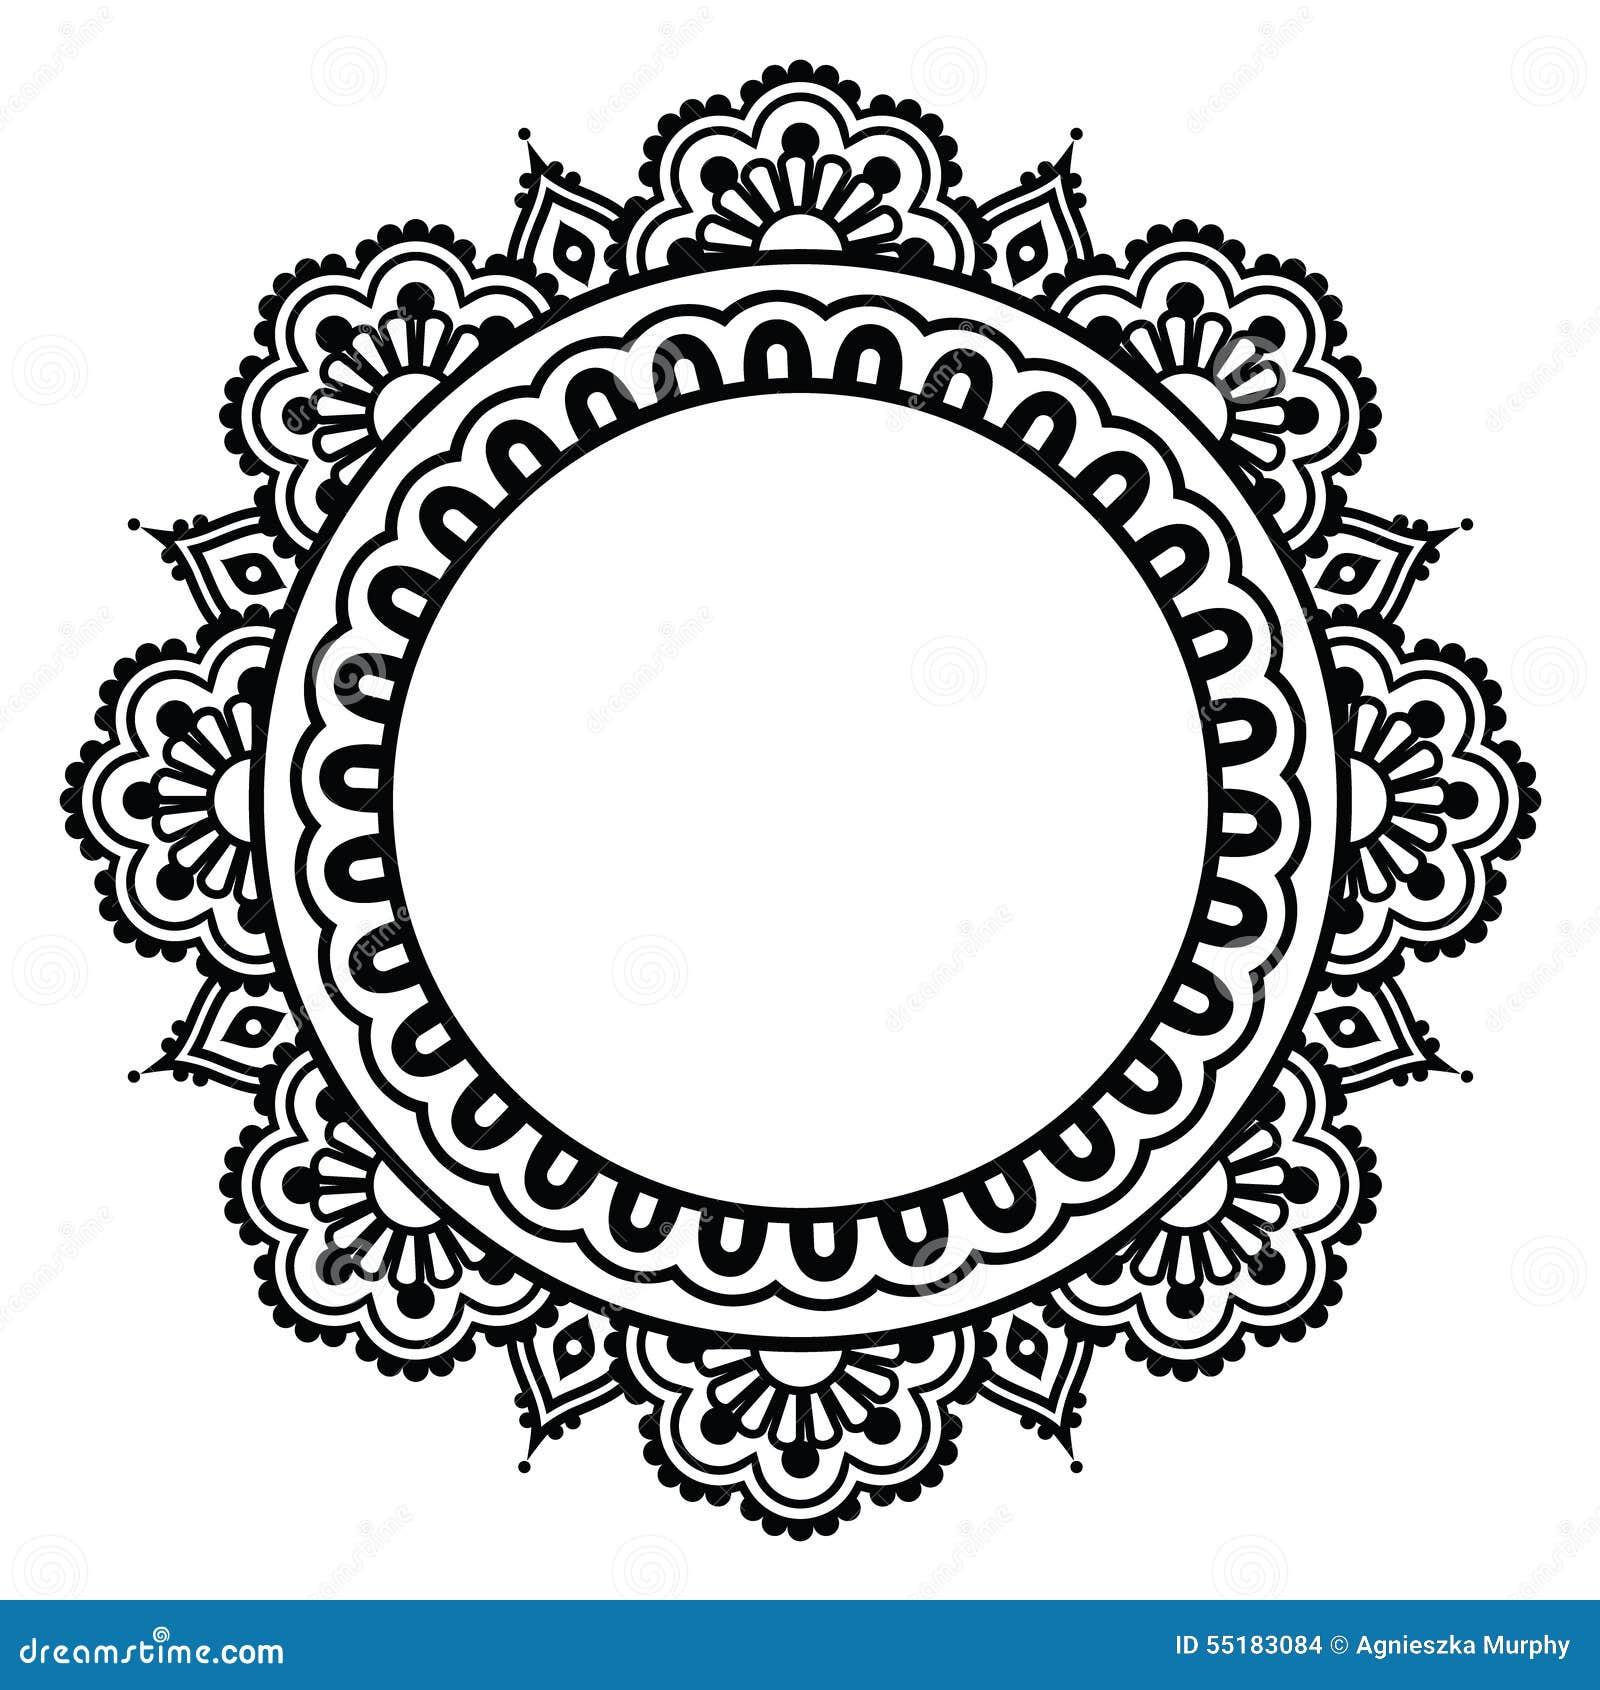 Indian Henna Floral Tattoo Round Pattern Mehndi Illustration